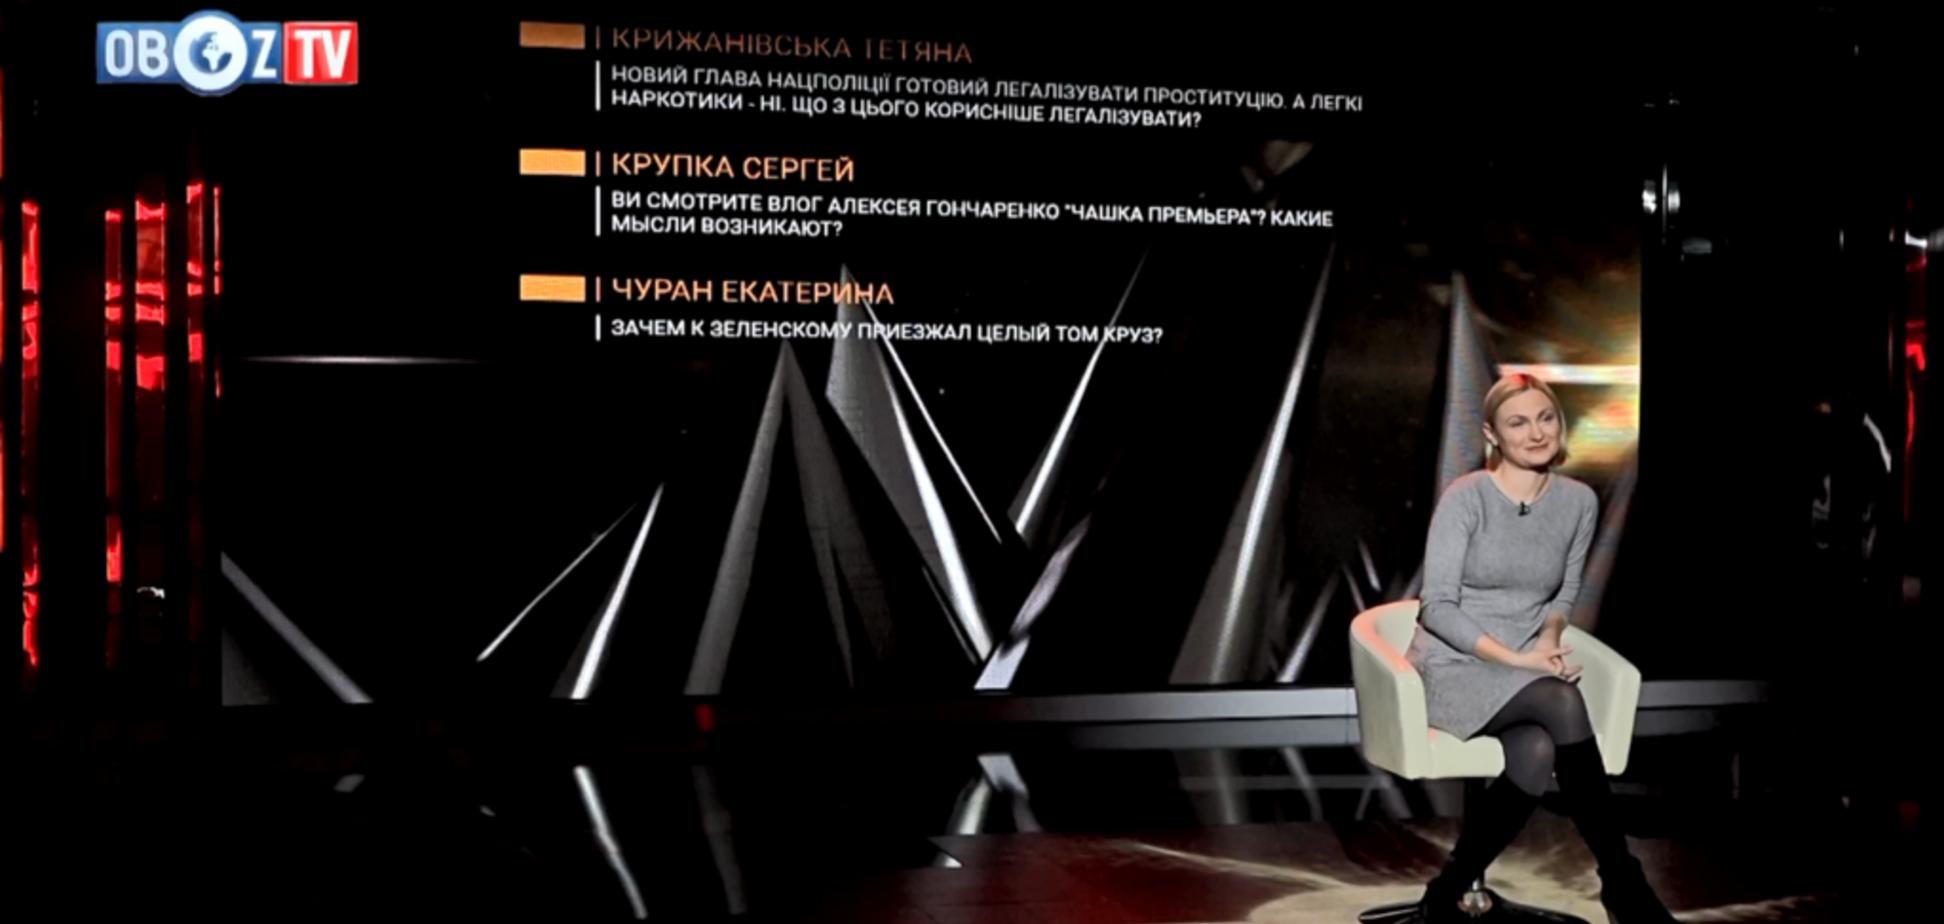 Легалізація марихуани в Україні: в Раді анонсували прорив